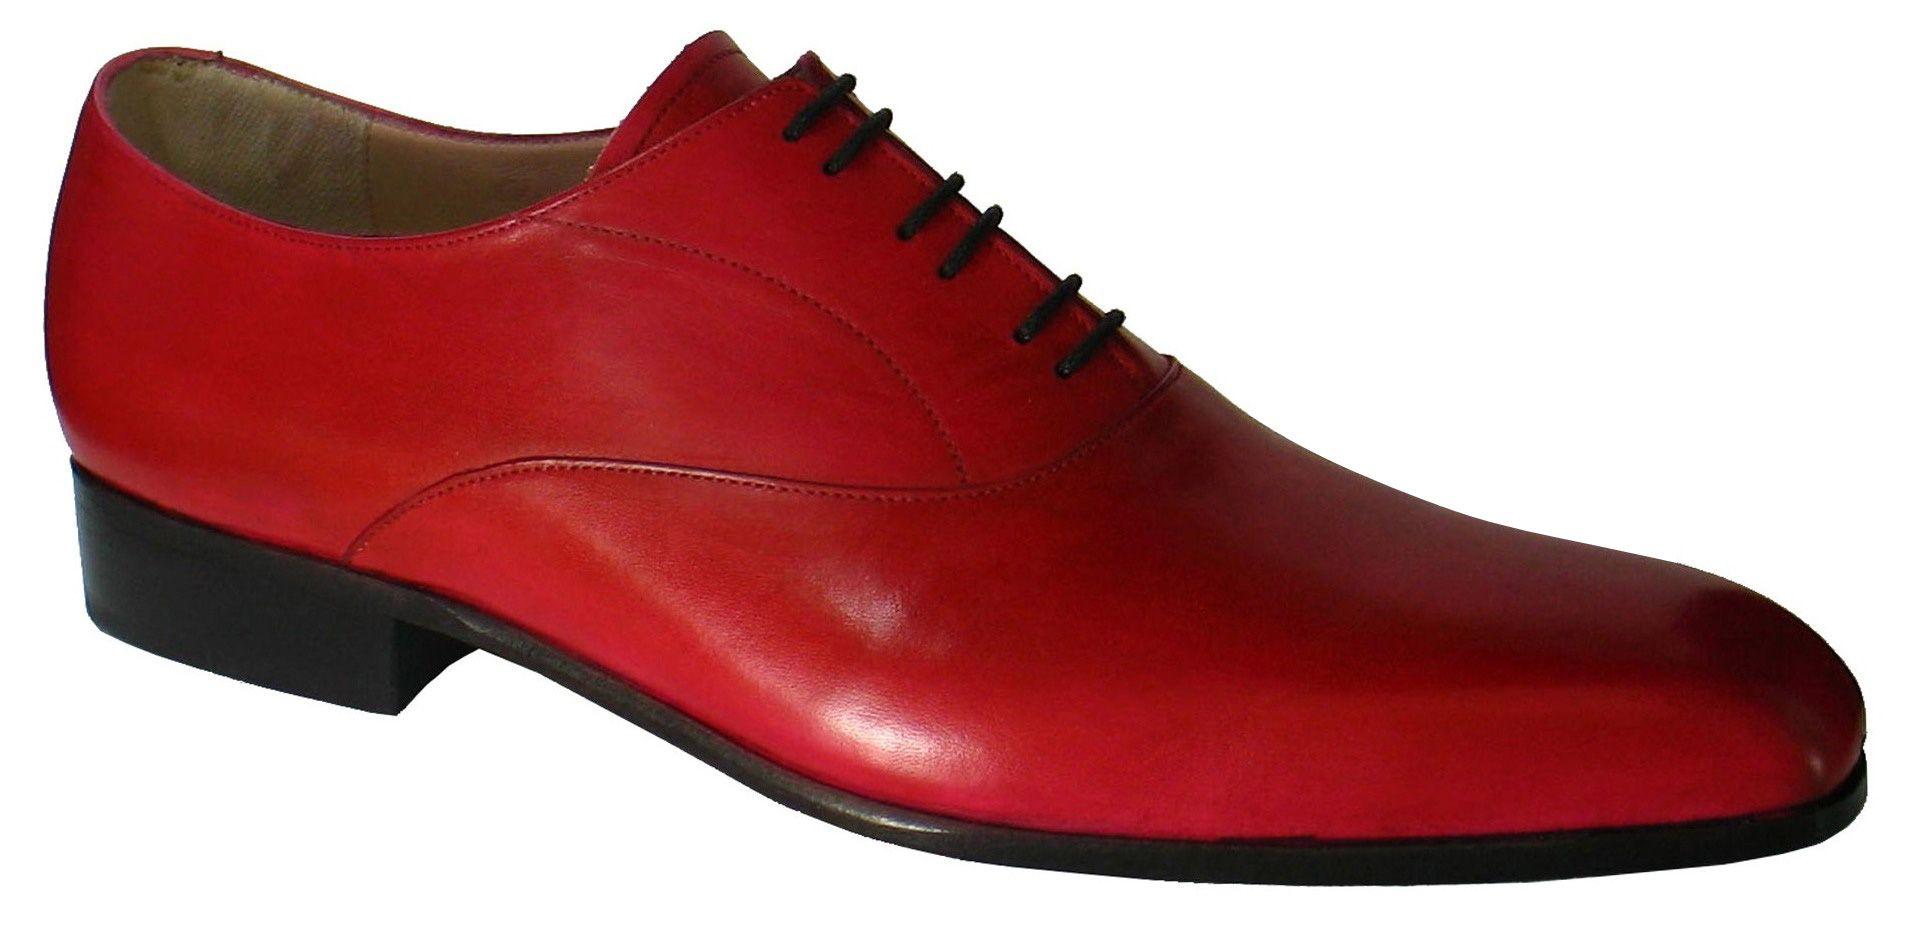 Rouge homme Ella chaussures souliers patine Derville 45BU0wqx